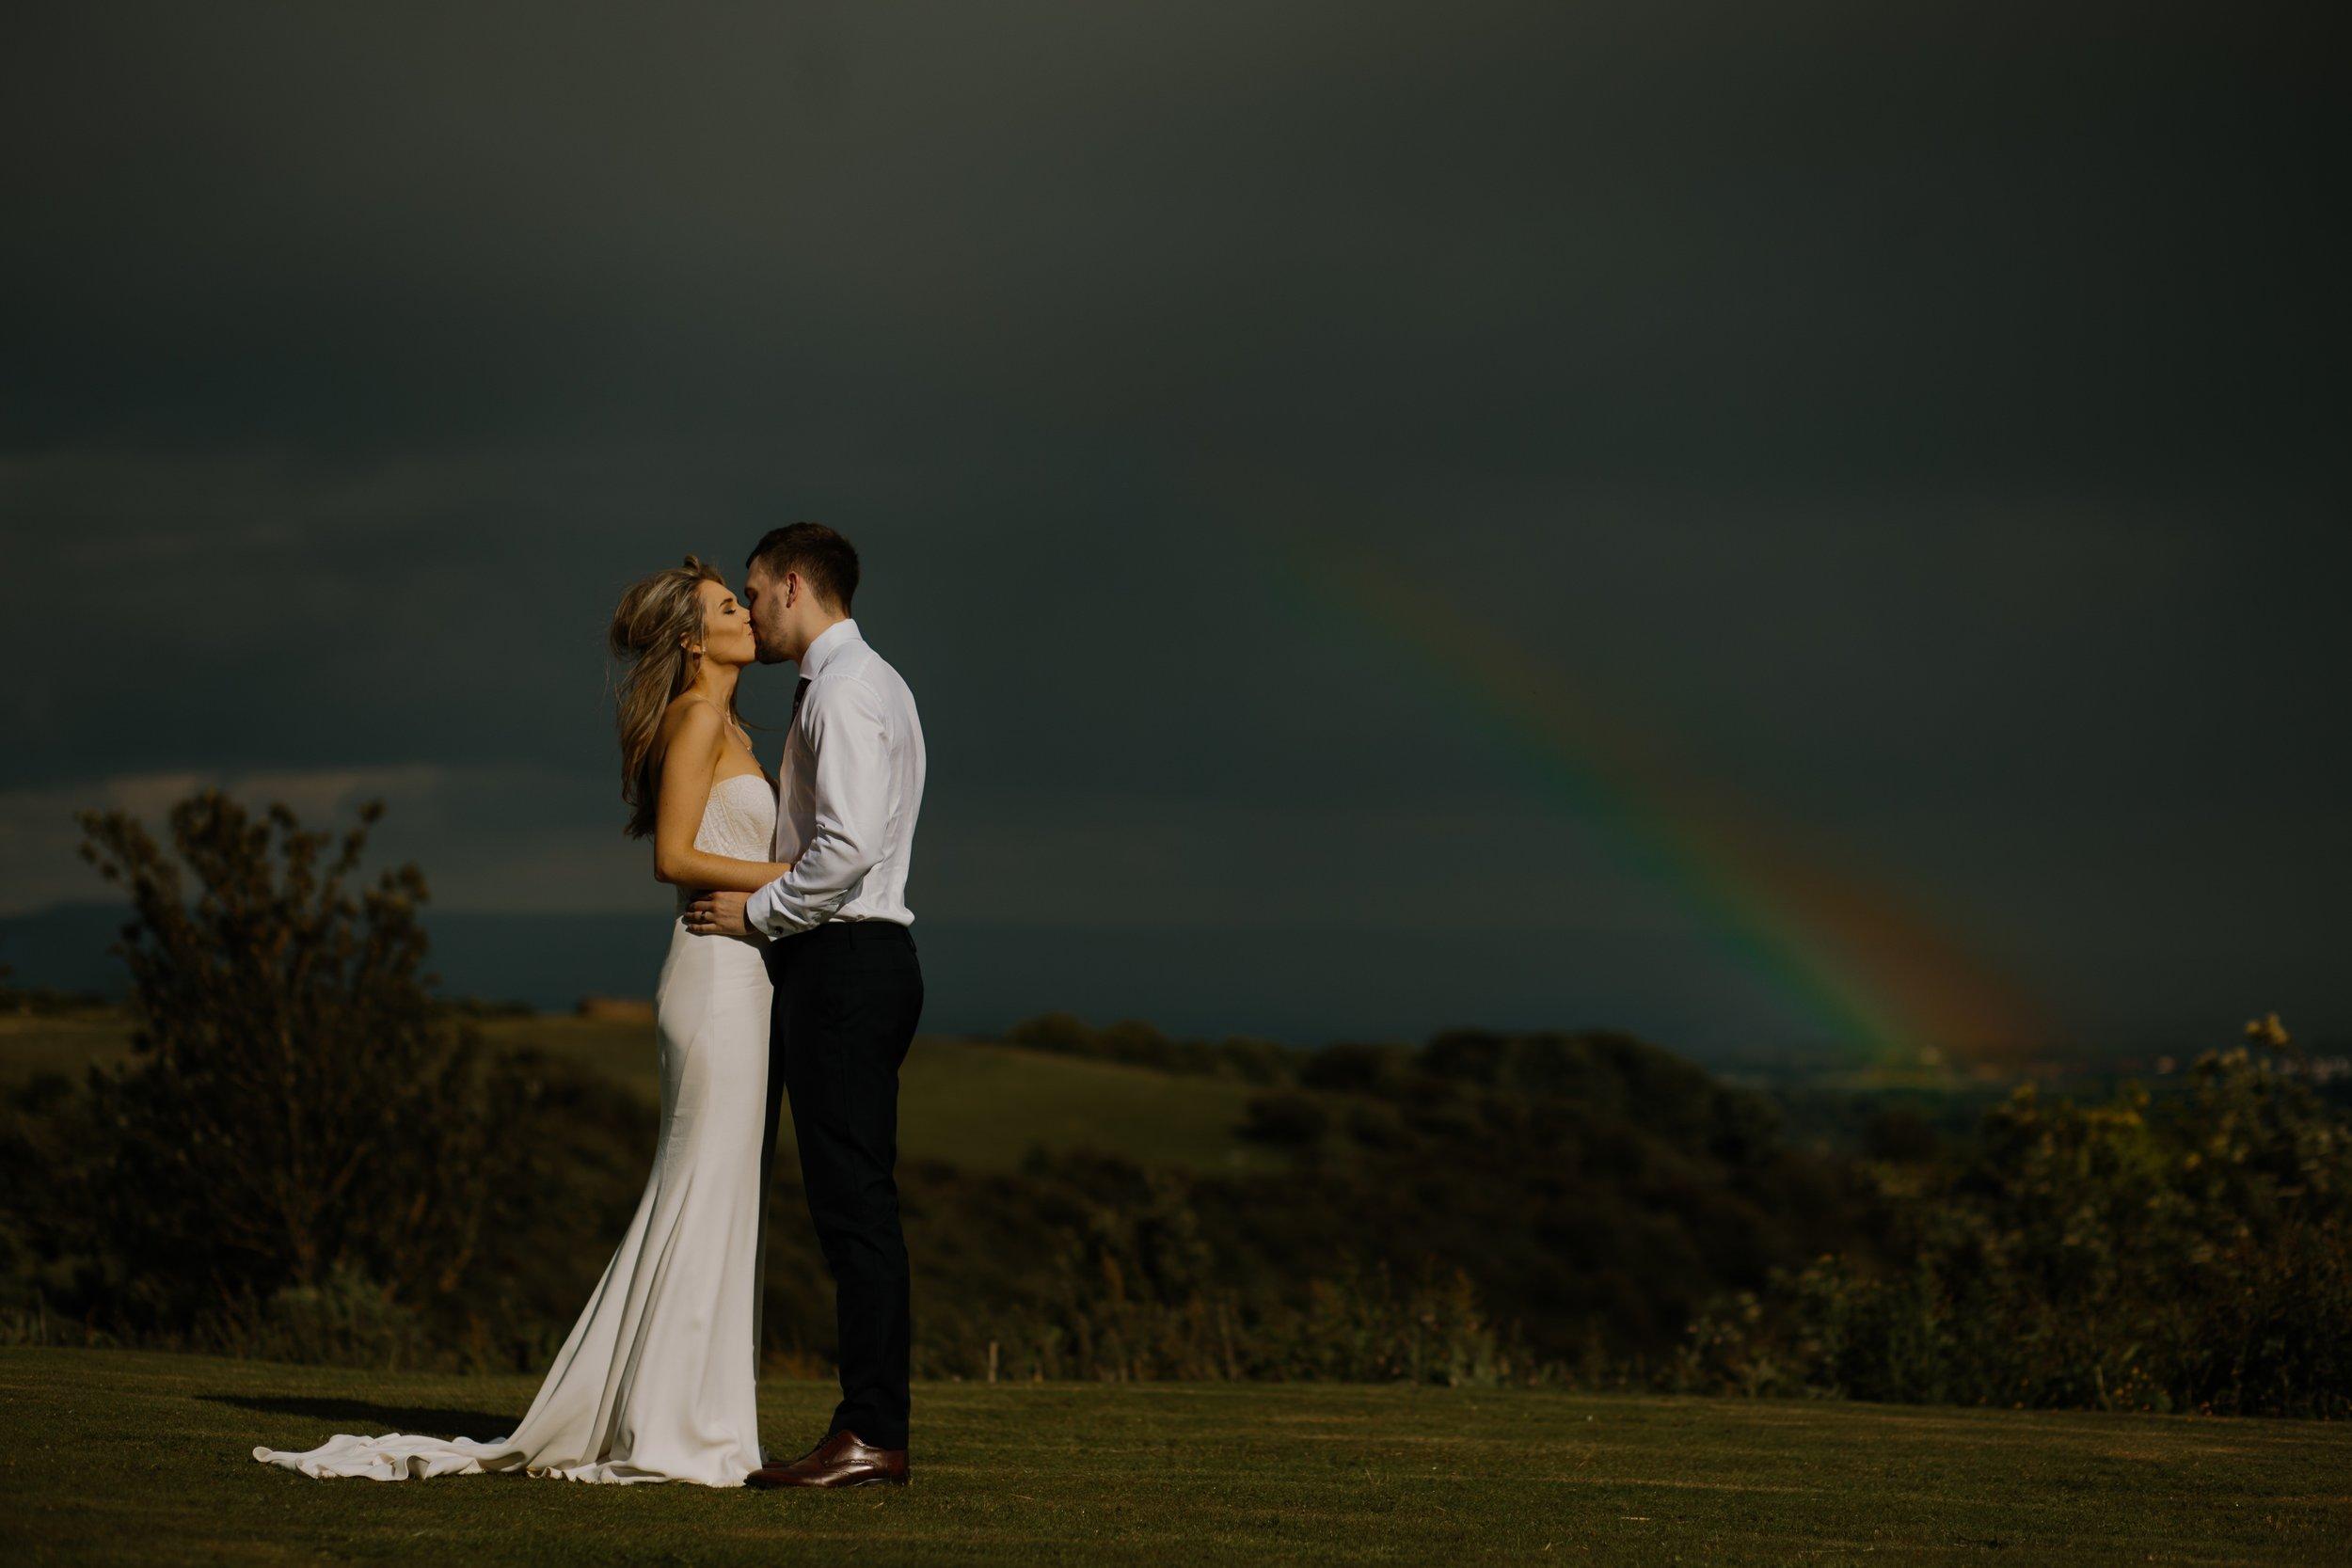 adult-affection-bride-415541.jpg